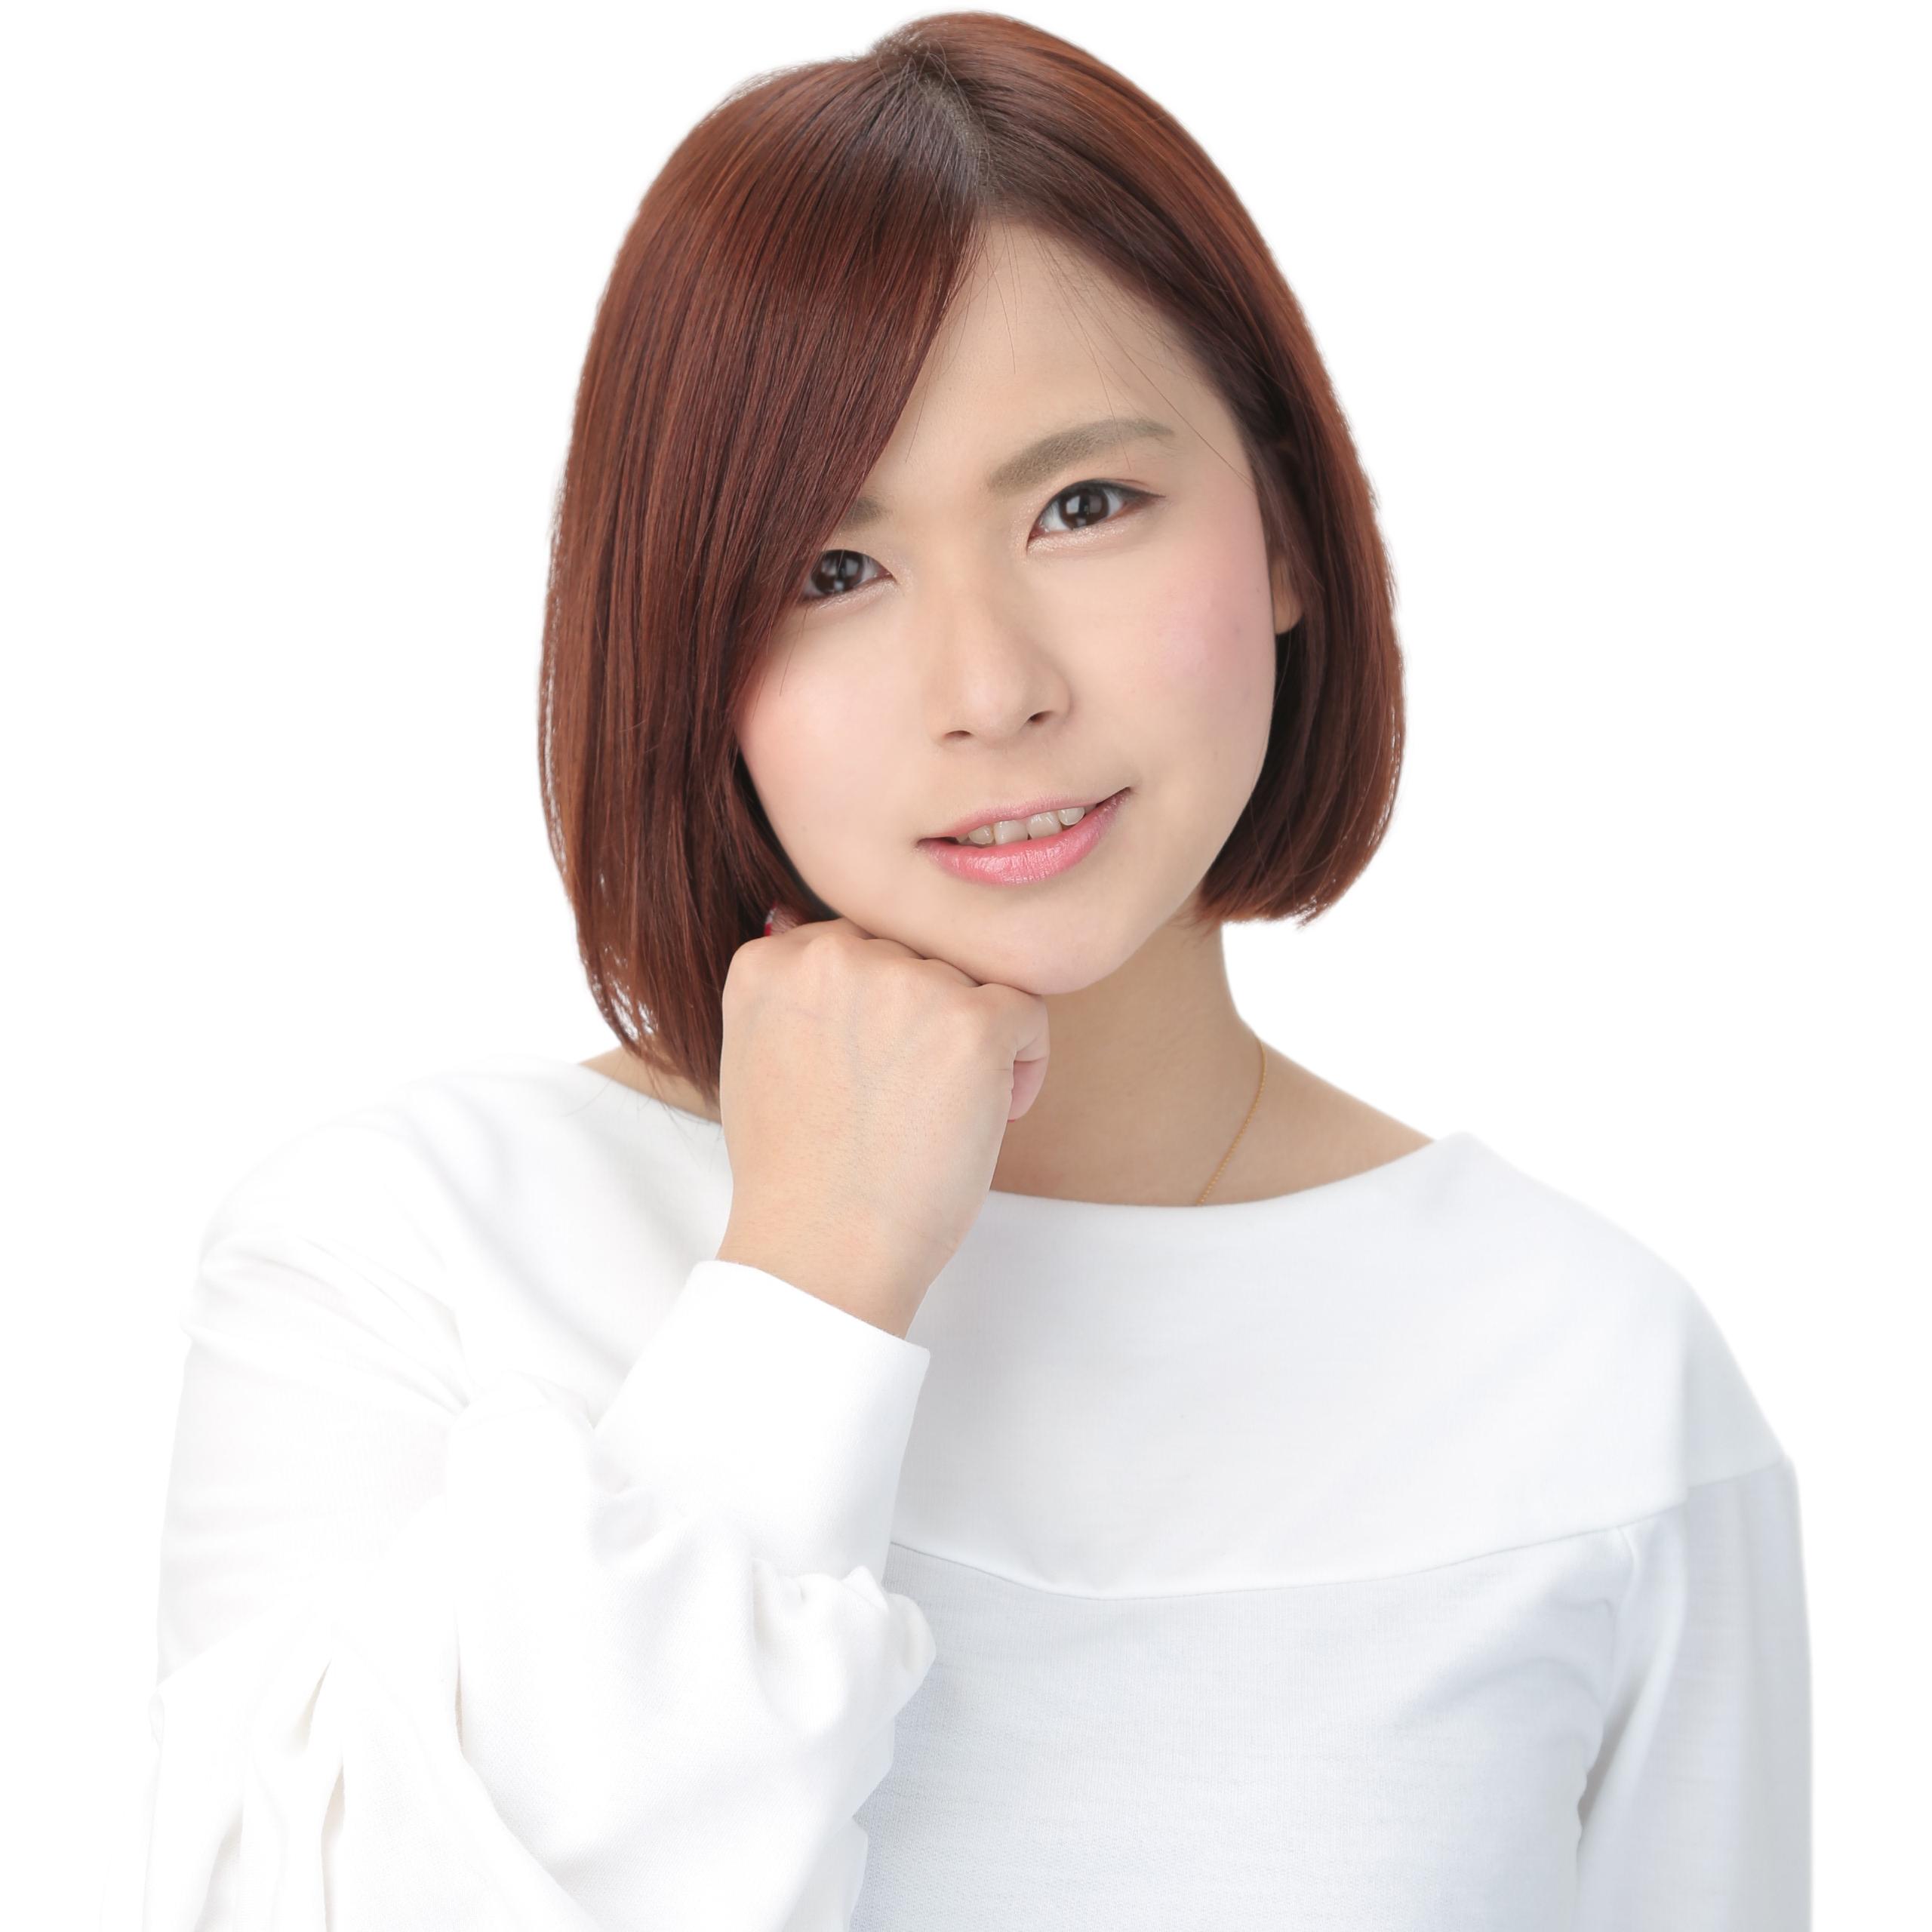 【ガチオフ!】工藤のぞみさん K-POWERS大阪本店